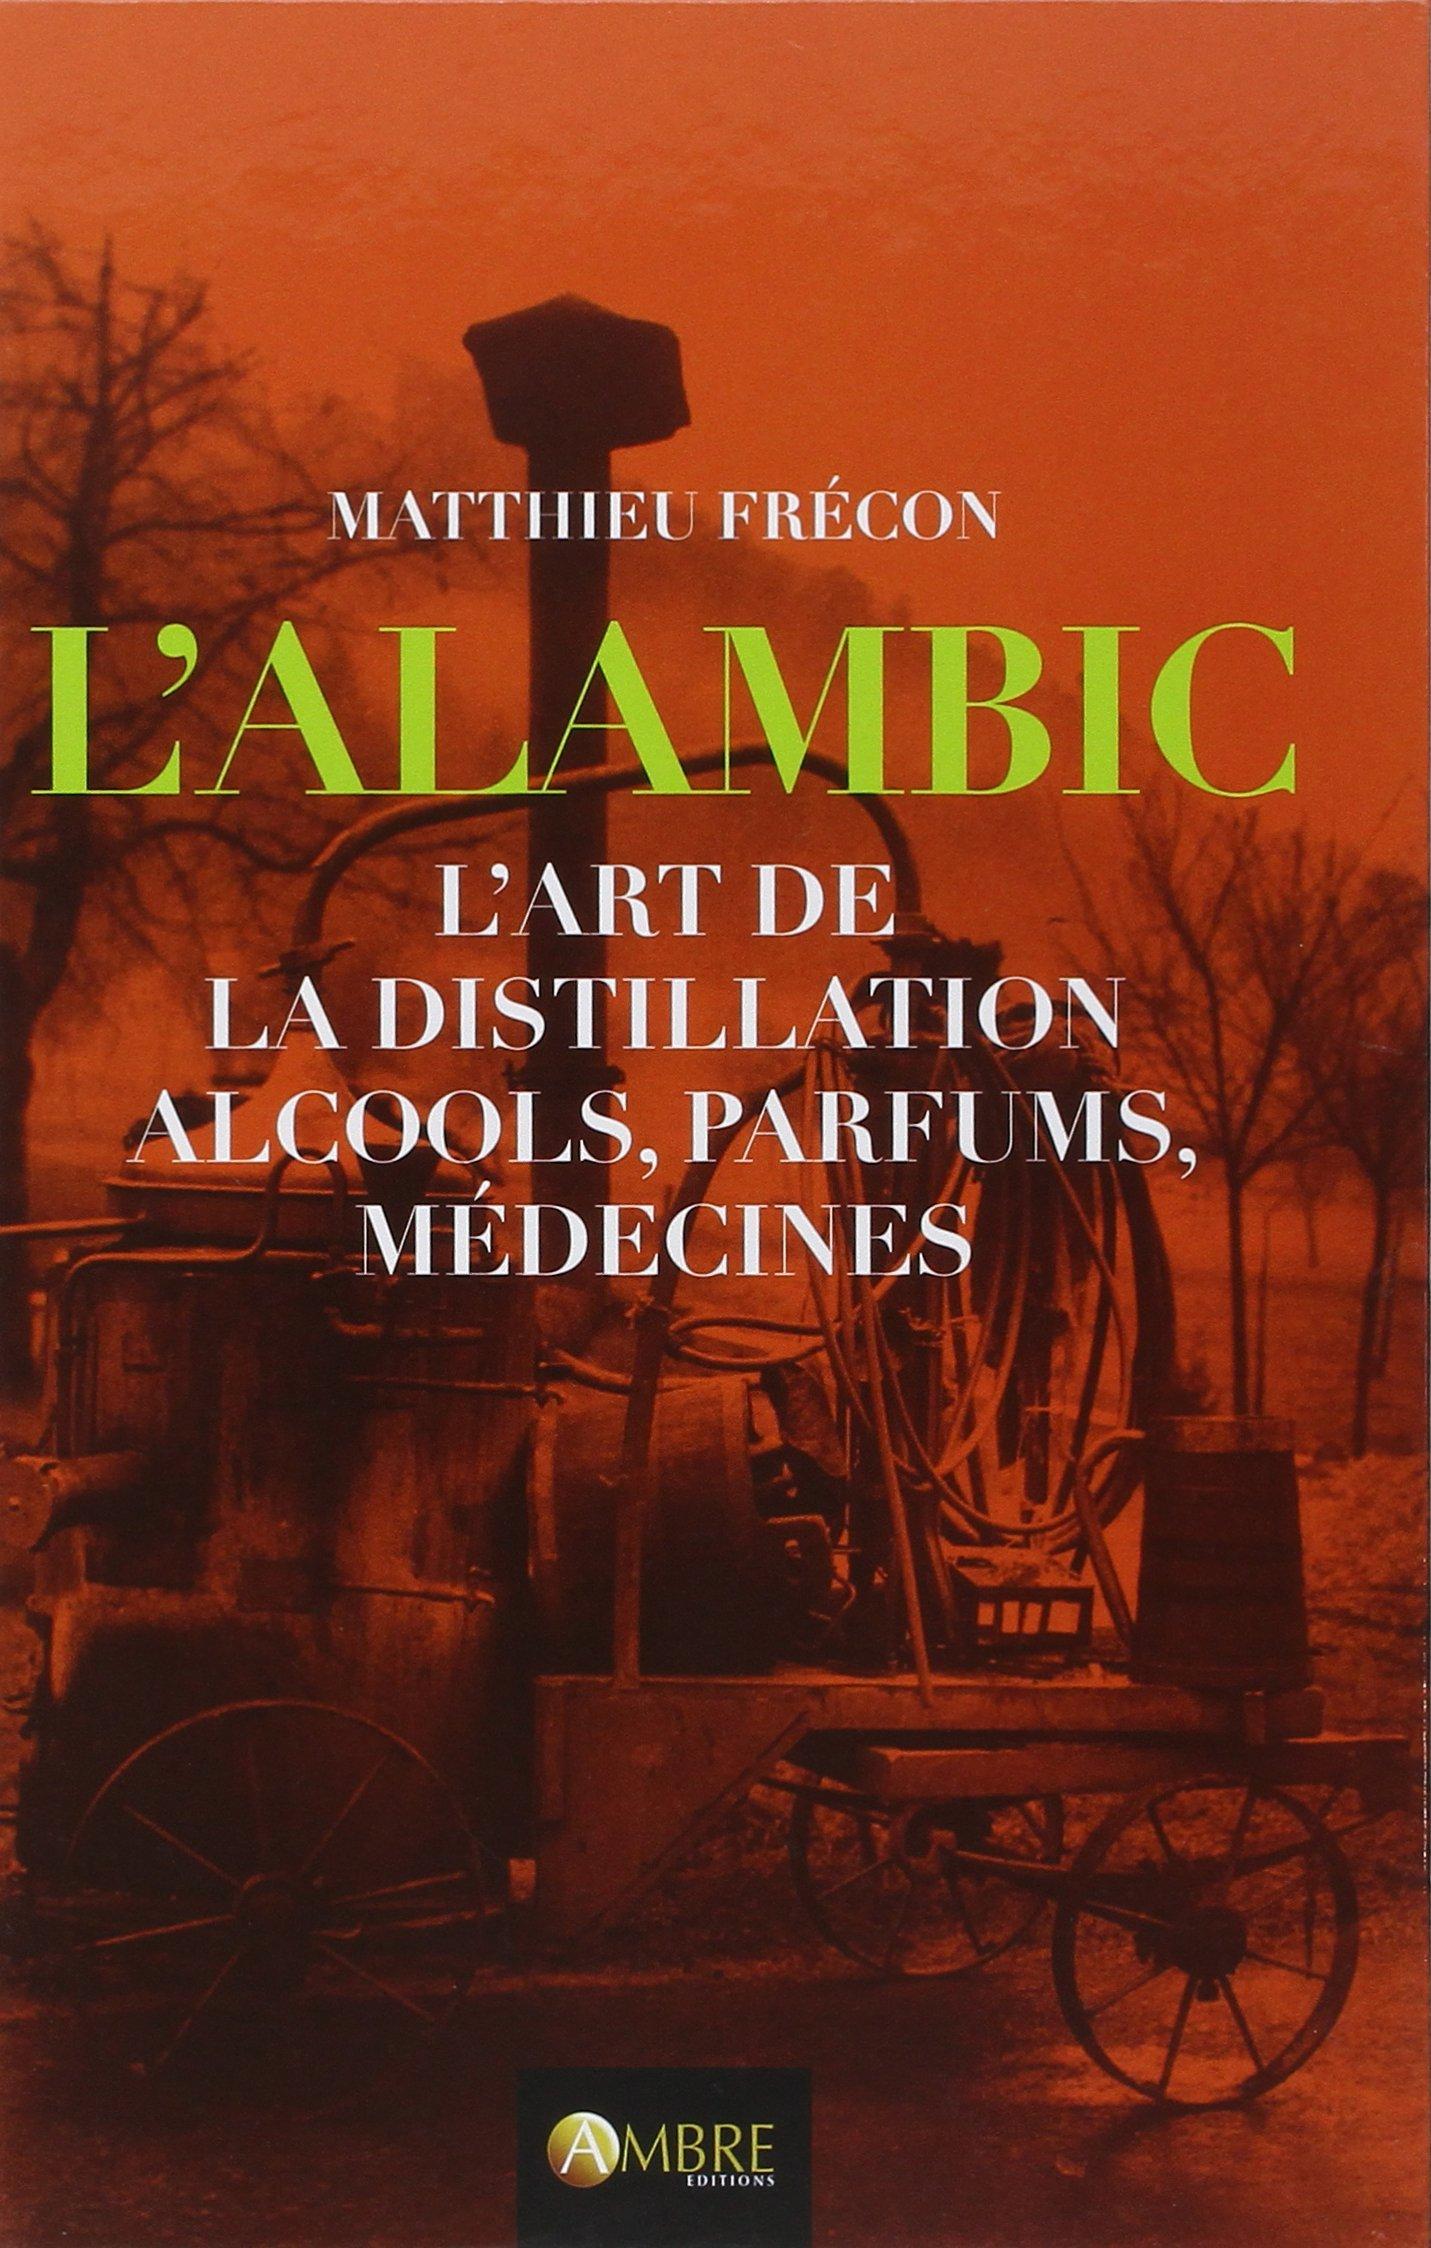 L'Alambic - L'art de la distillation - Alcools, parfums, médecines Relié – 20 février 2015 Matthieu Frécon Cécilia Chauvet Ambre Editions 2940500606